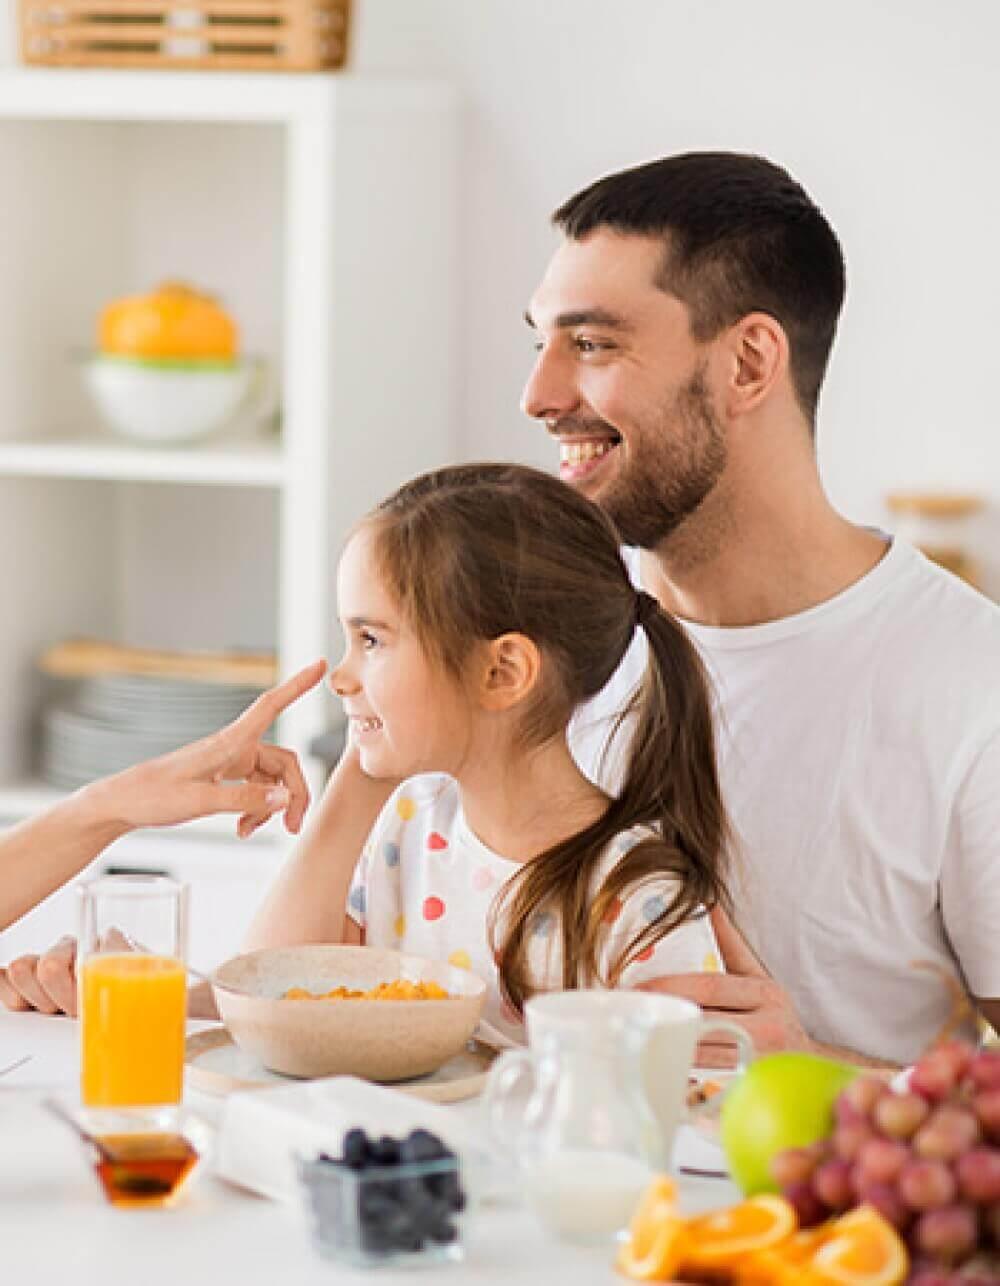 Kahvaltının İnsan Beslenmesindeki Önemi